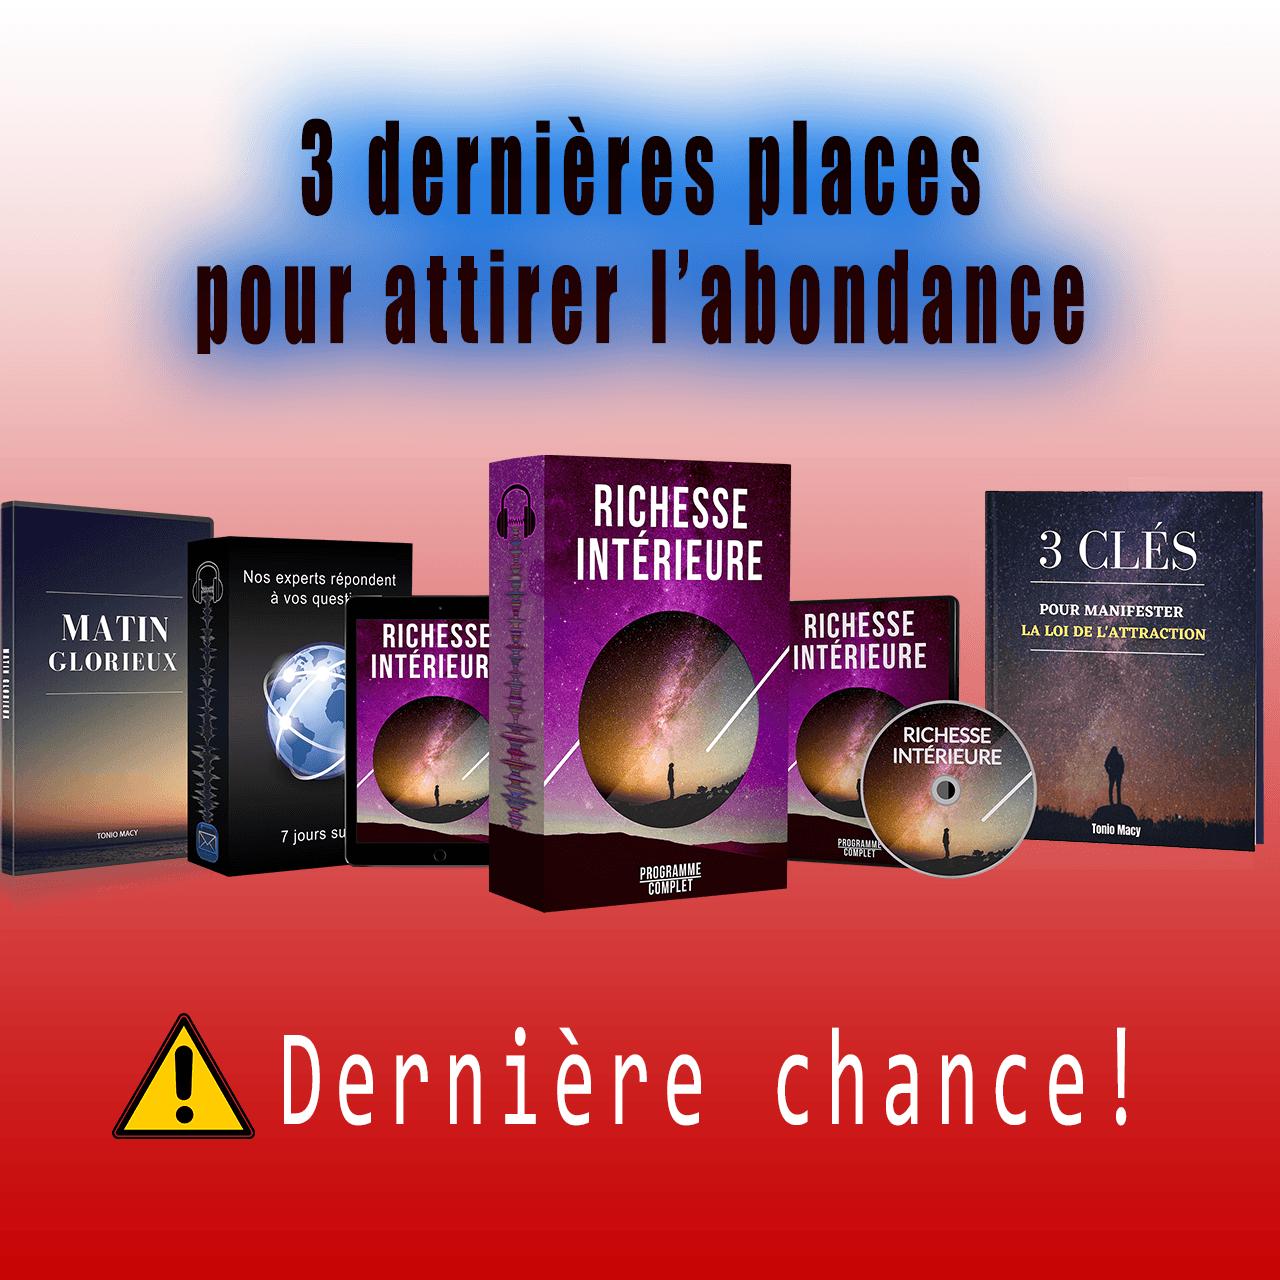 🔮 GROUPE 1 - CADEAU : Richesse Intérieure 🔮